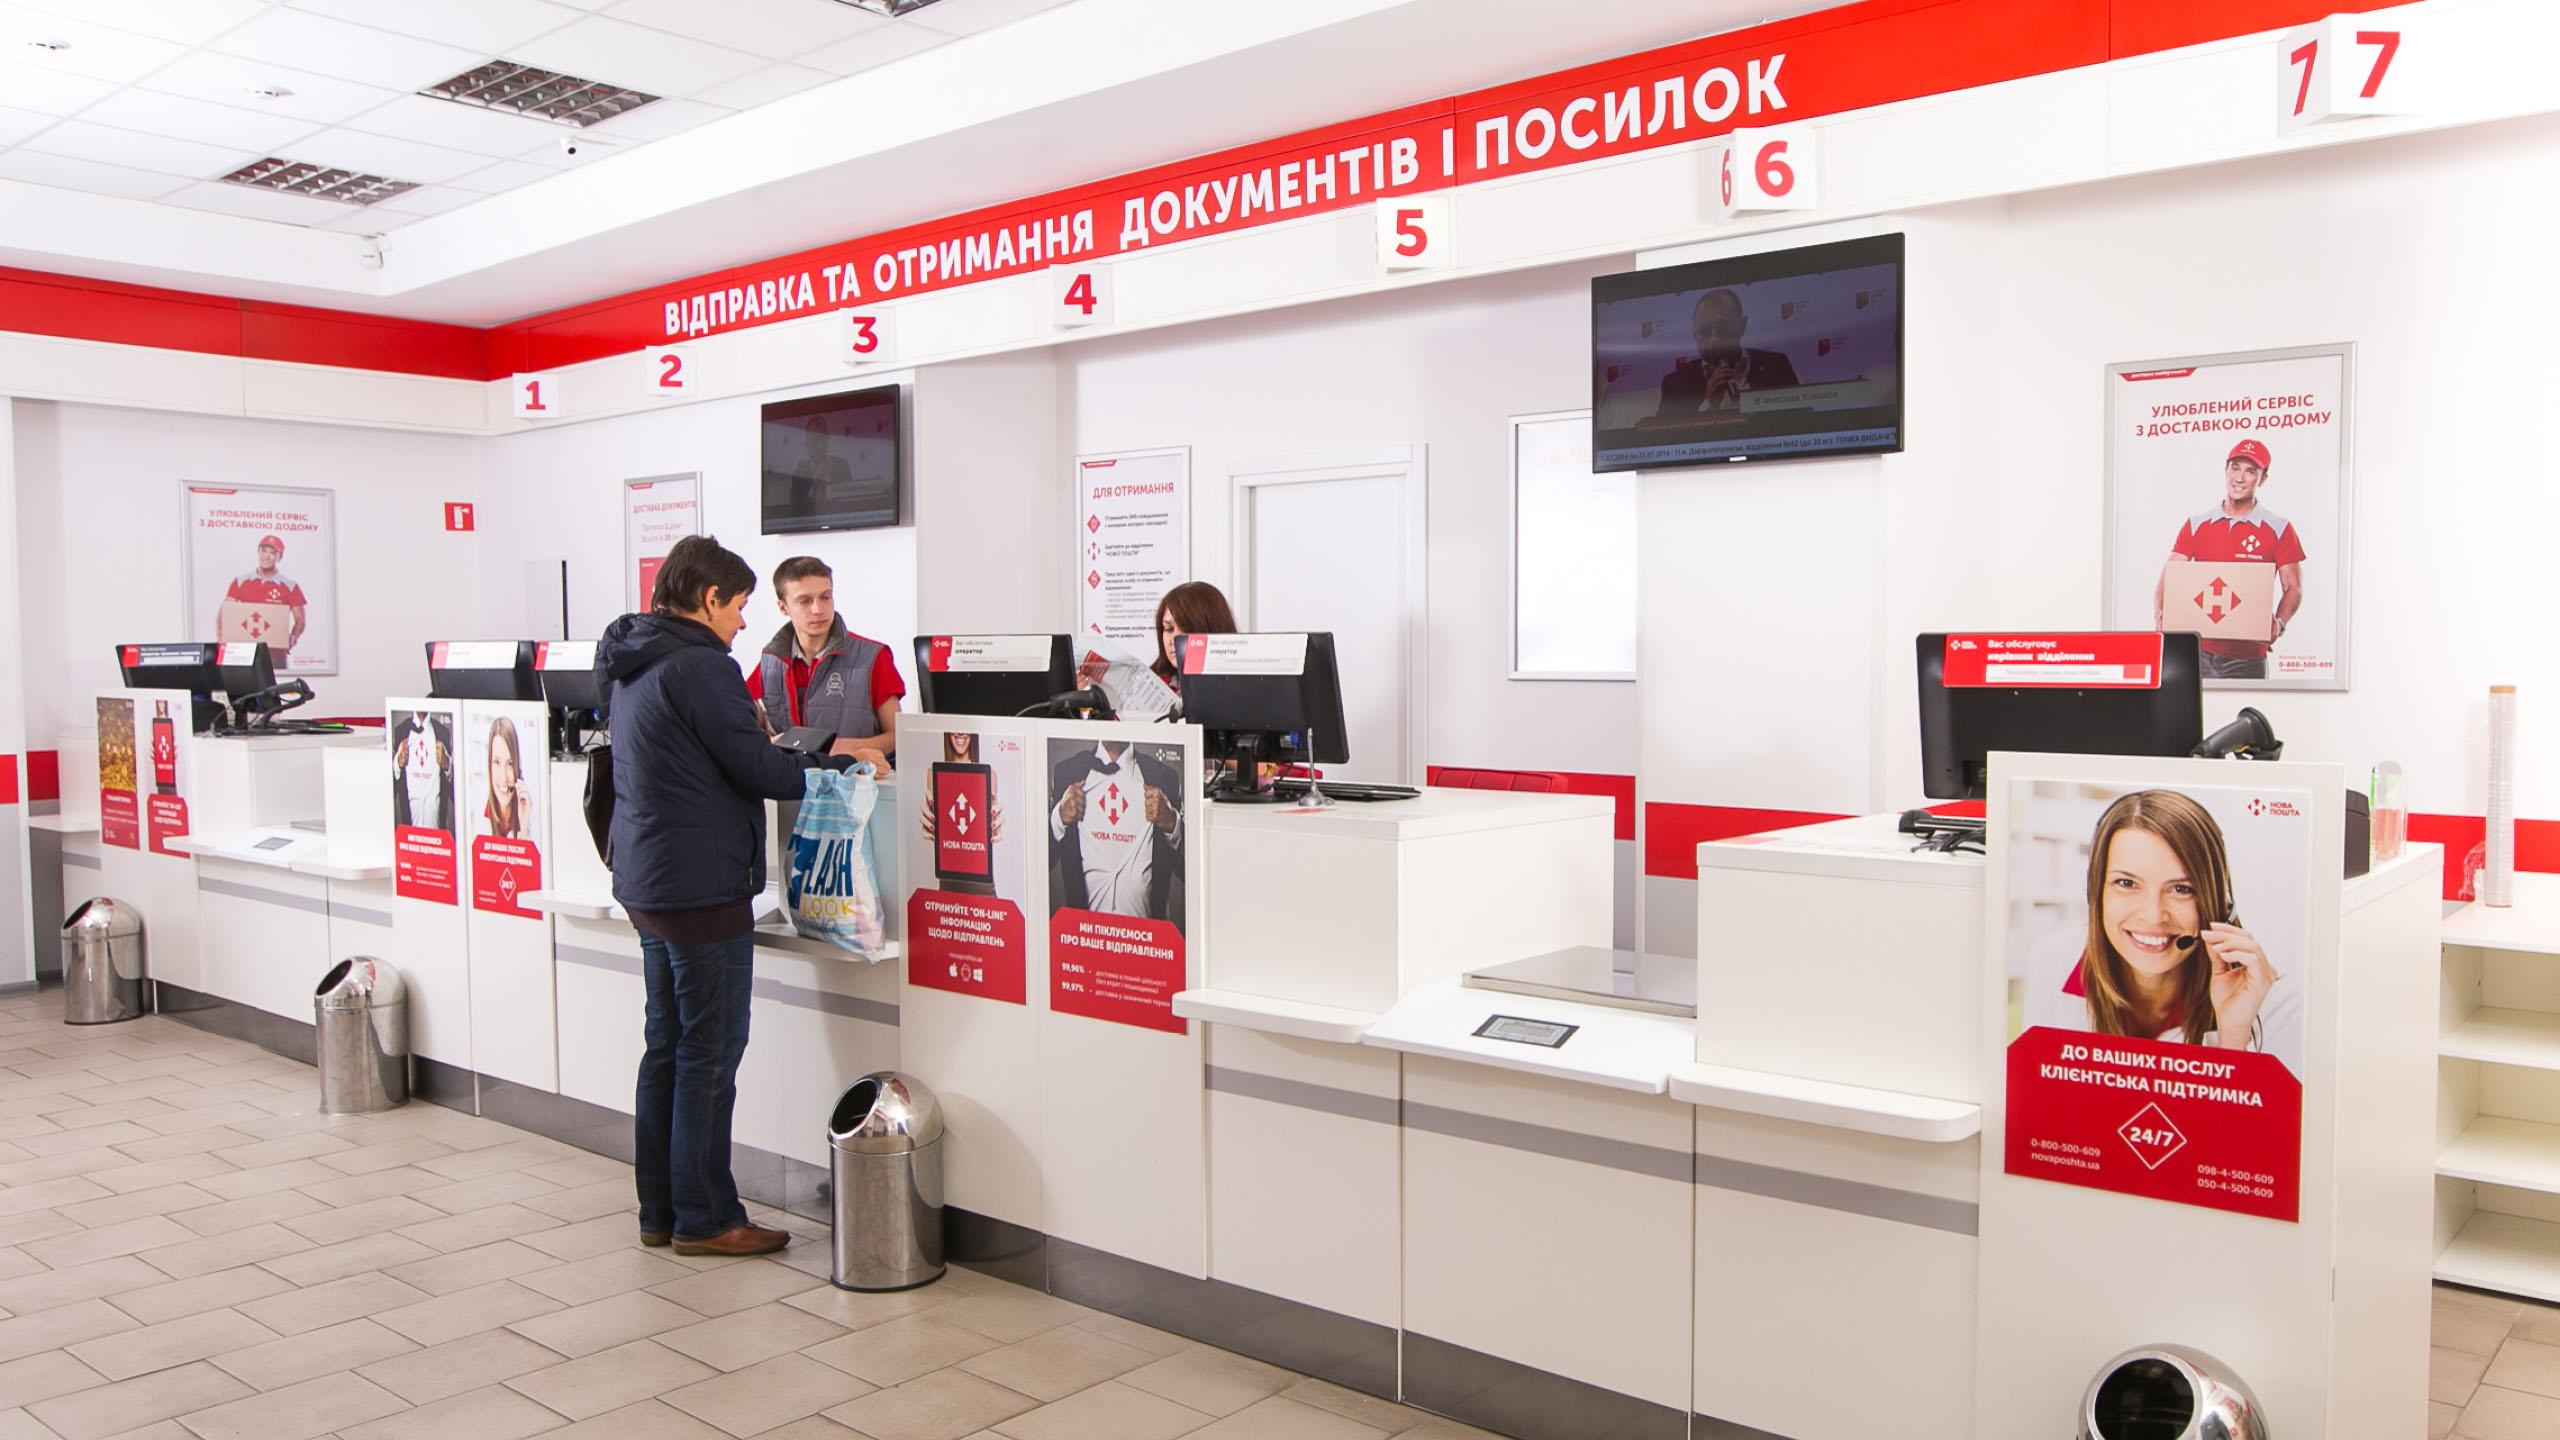 Служебные лица «Новой почты» подозреваются в уклонение от оплаты налогов на сумму в 1,2 миллиона гривен